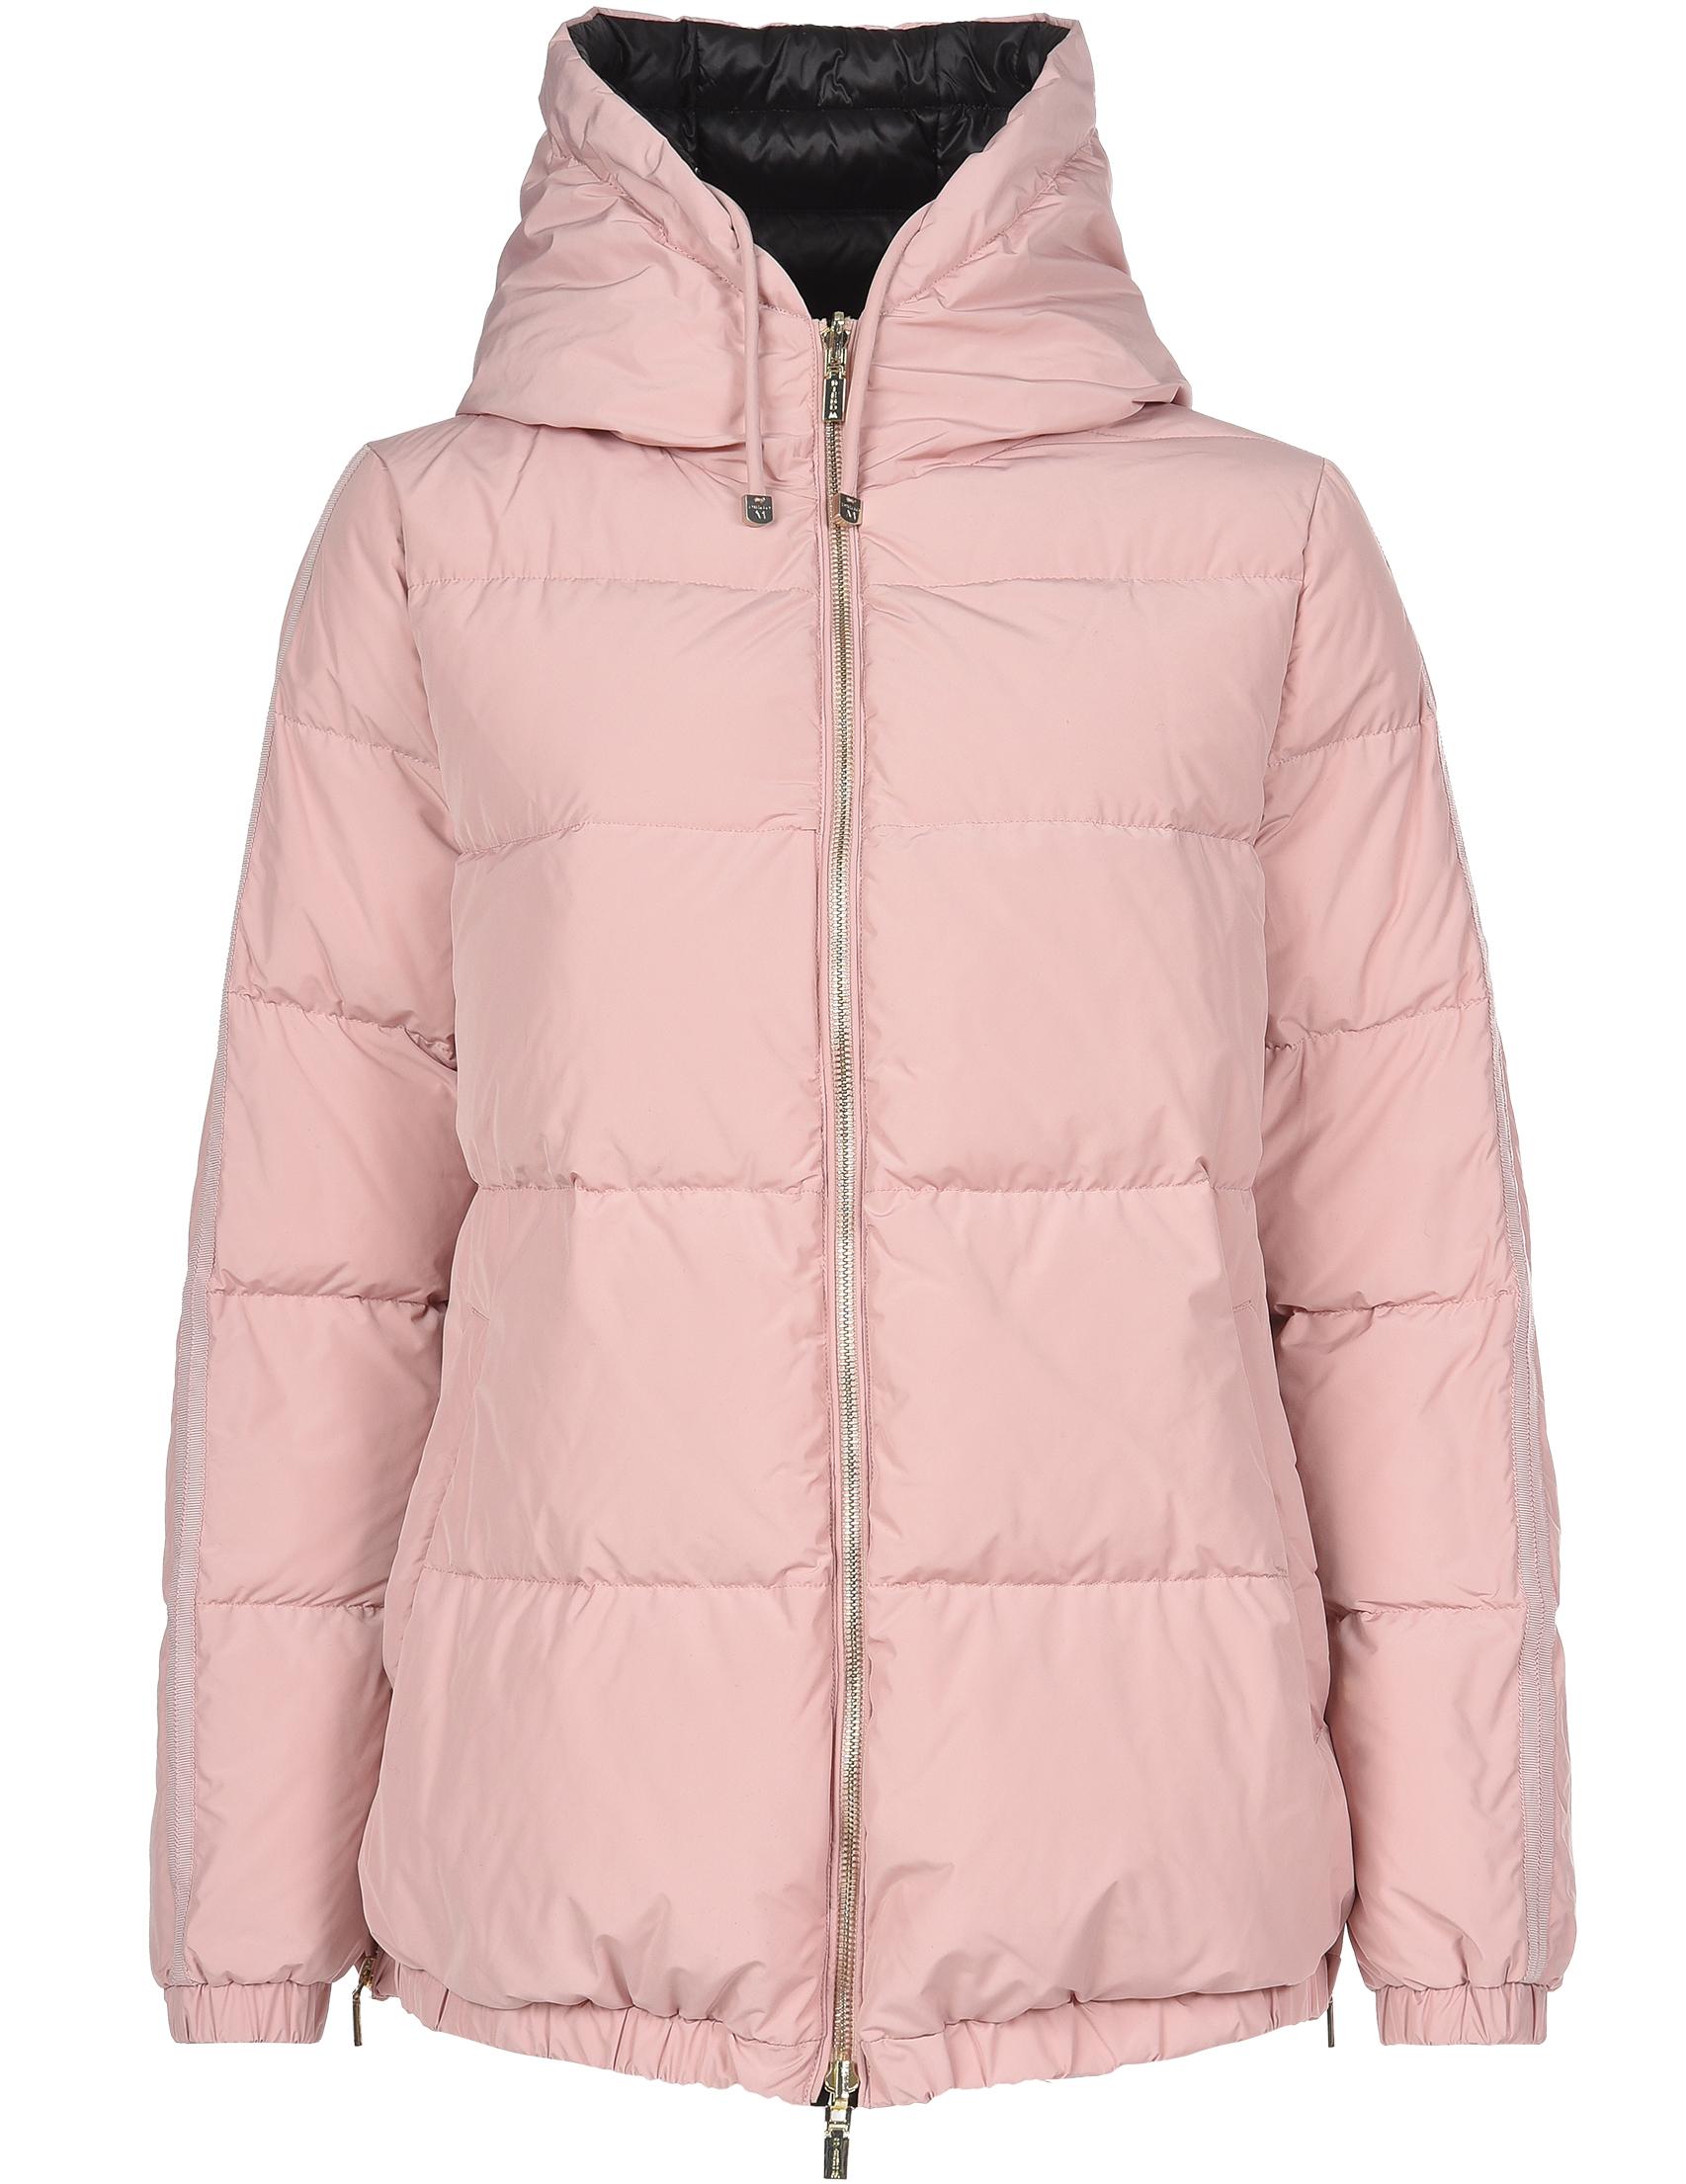 Купить Пуховик, DIEGO M, Розовый, Черный, 100%Полиэстер;90%Пух 10%Перо, Осень-Зима